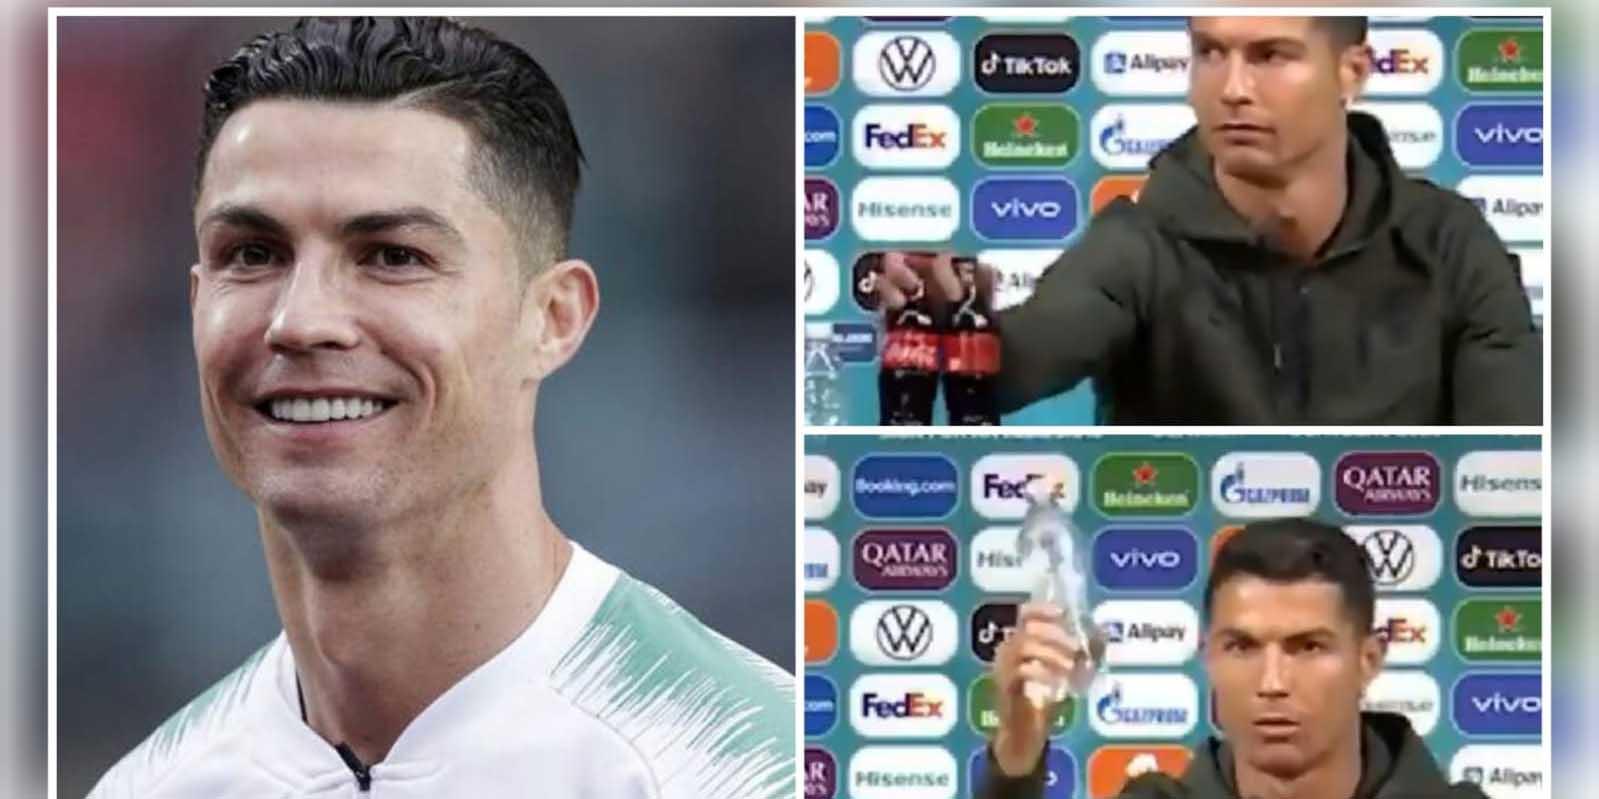 Cristiano Ronaldo hace perder a Coca Cola millones de dólares tras su gesto | El Imparcial de Oaxaca